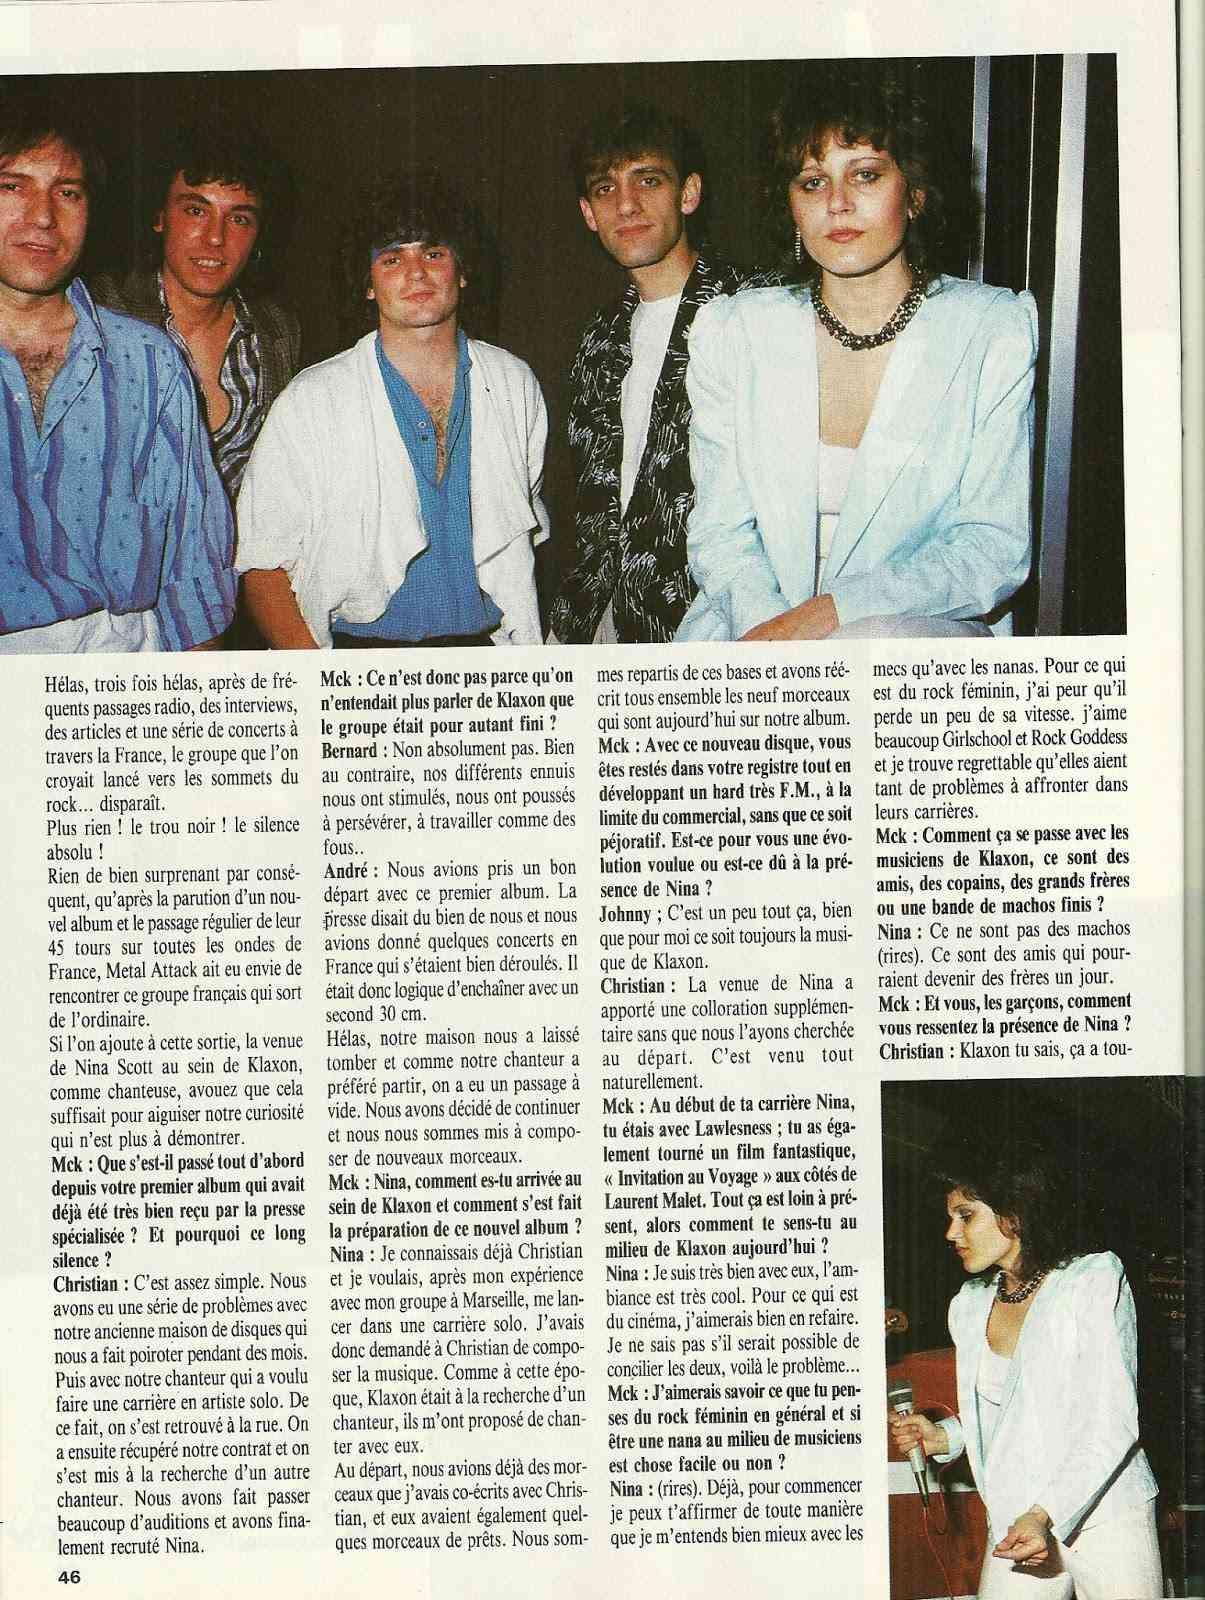 """KLAXON interview dans """"Metal Attack"""" Juillet 1985 Numyri26"""